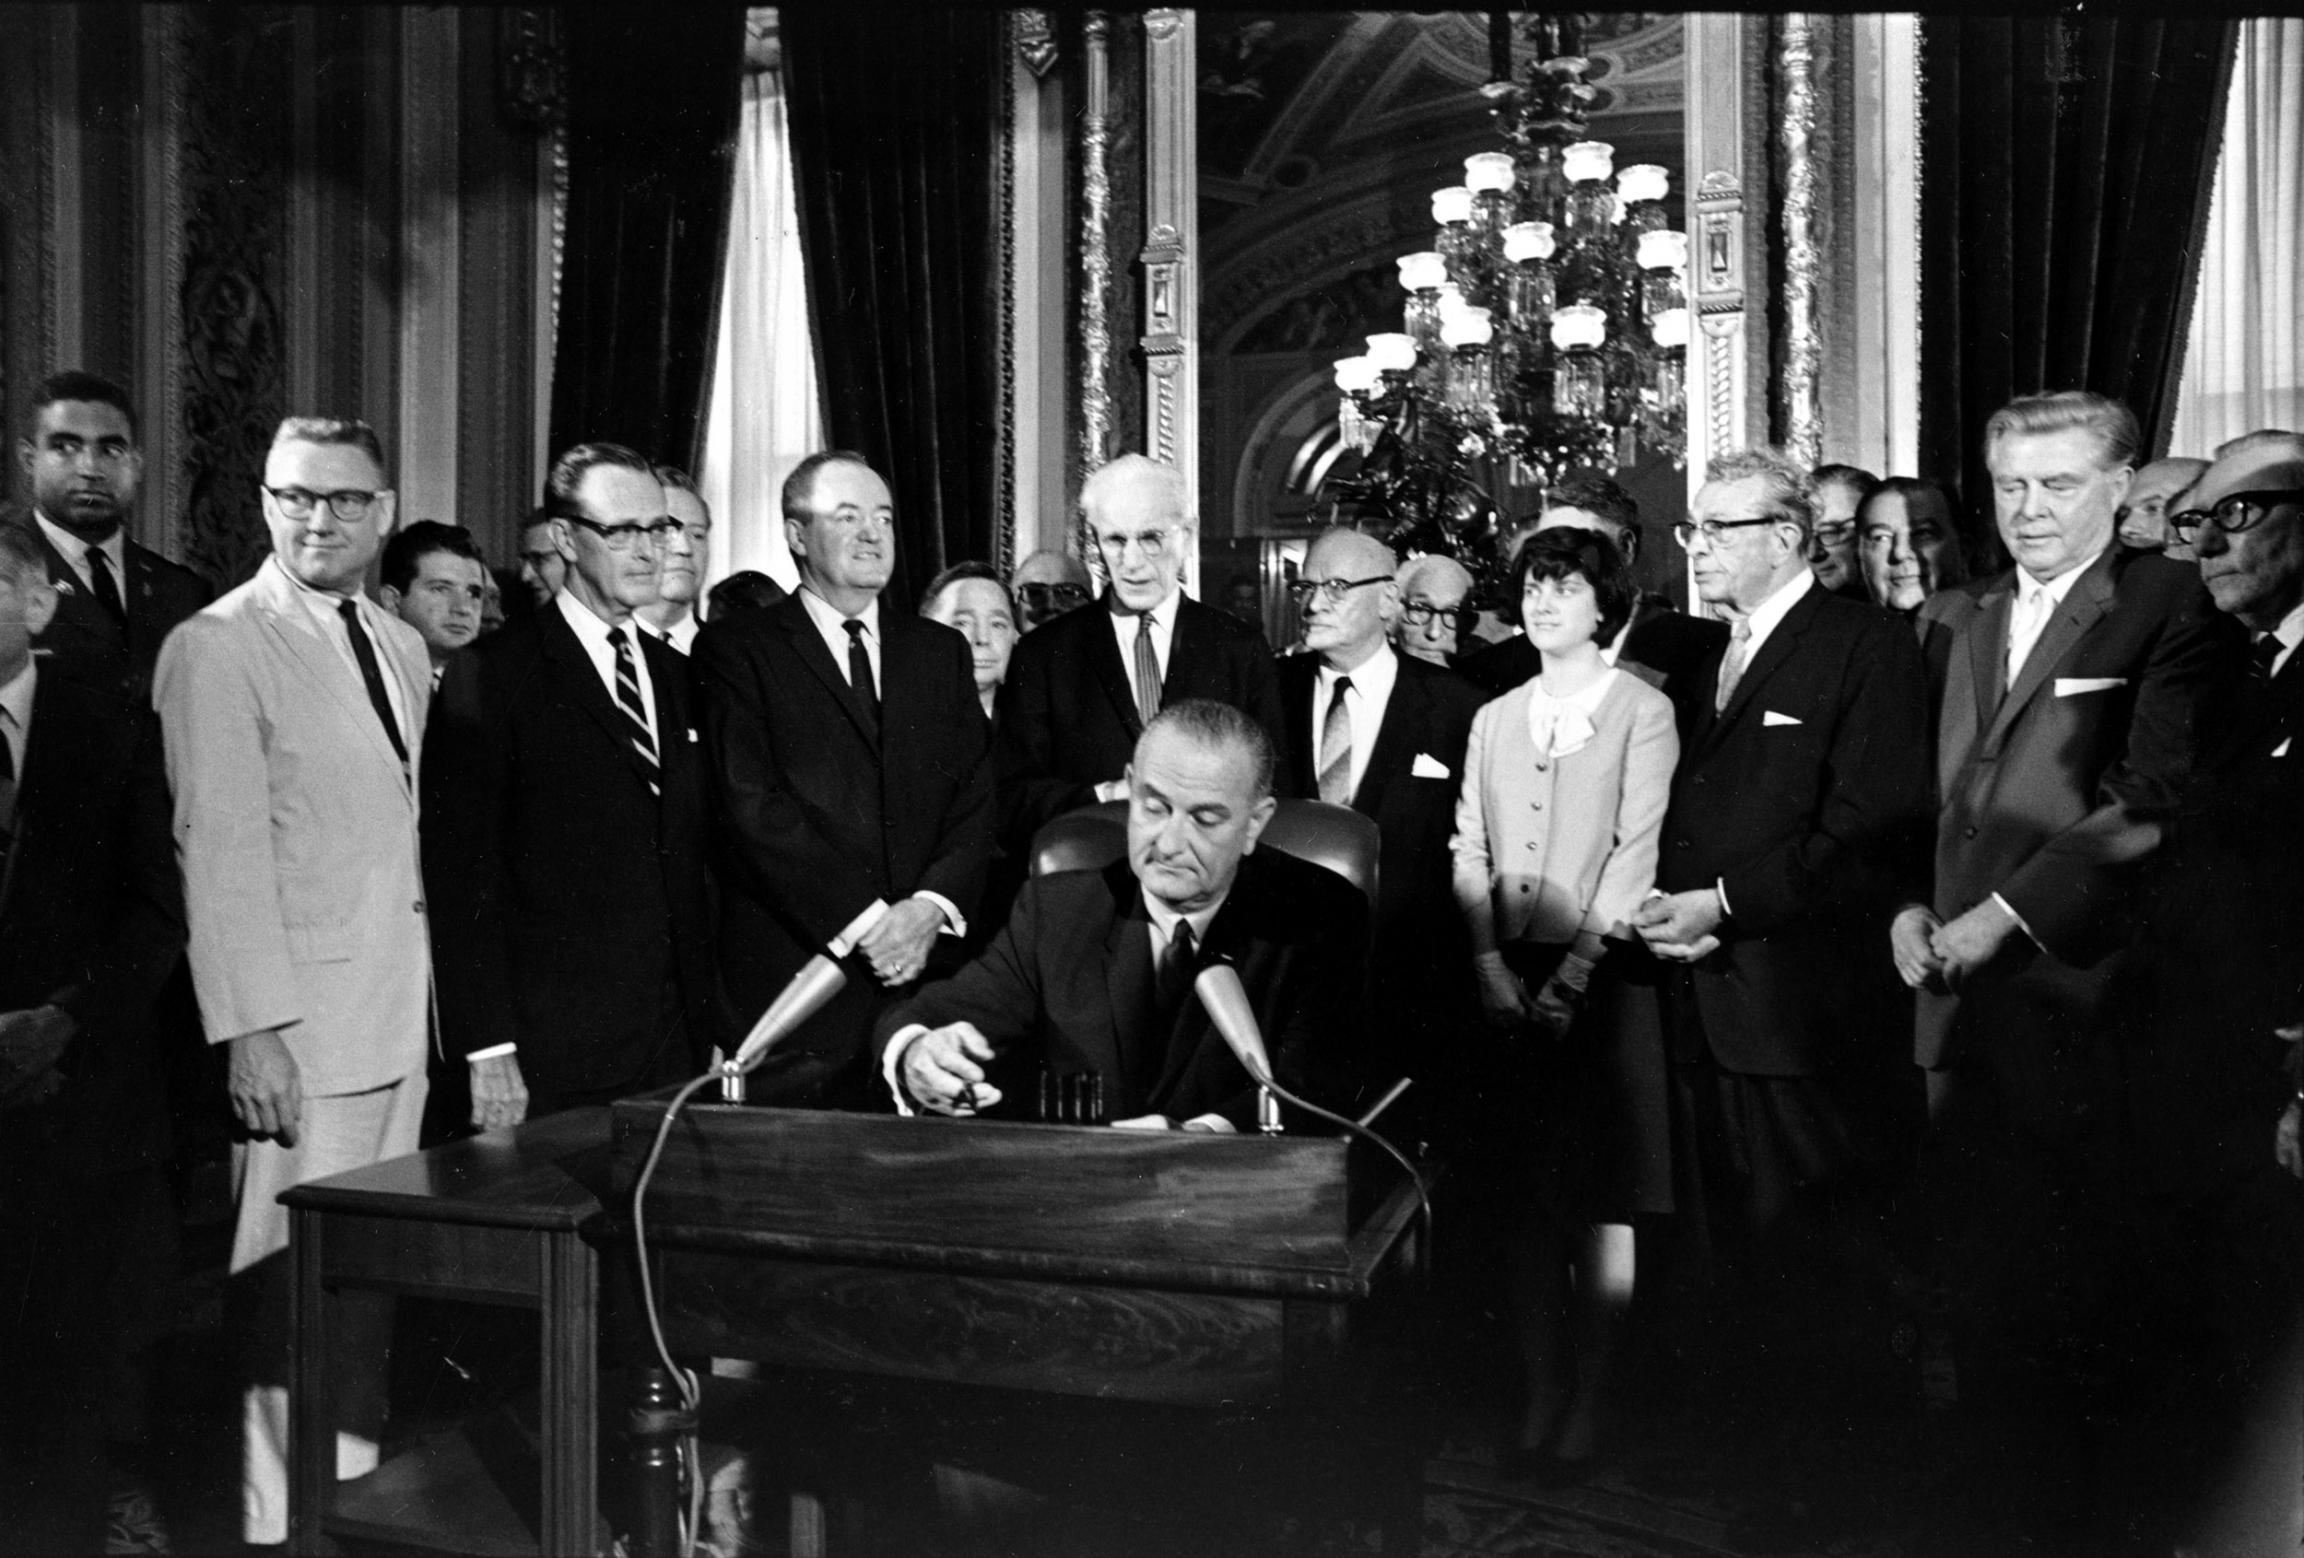 El Presidente Lyndon Johnson sentado en una mesa firmando un documento, aparece rodeado de personas.